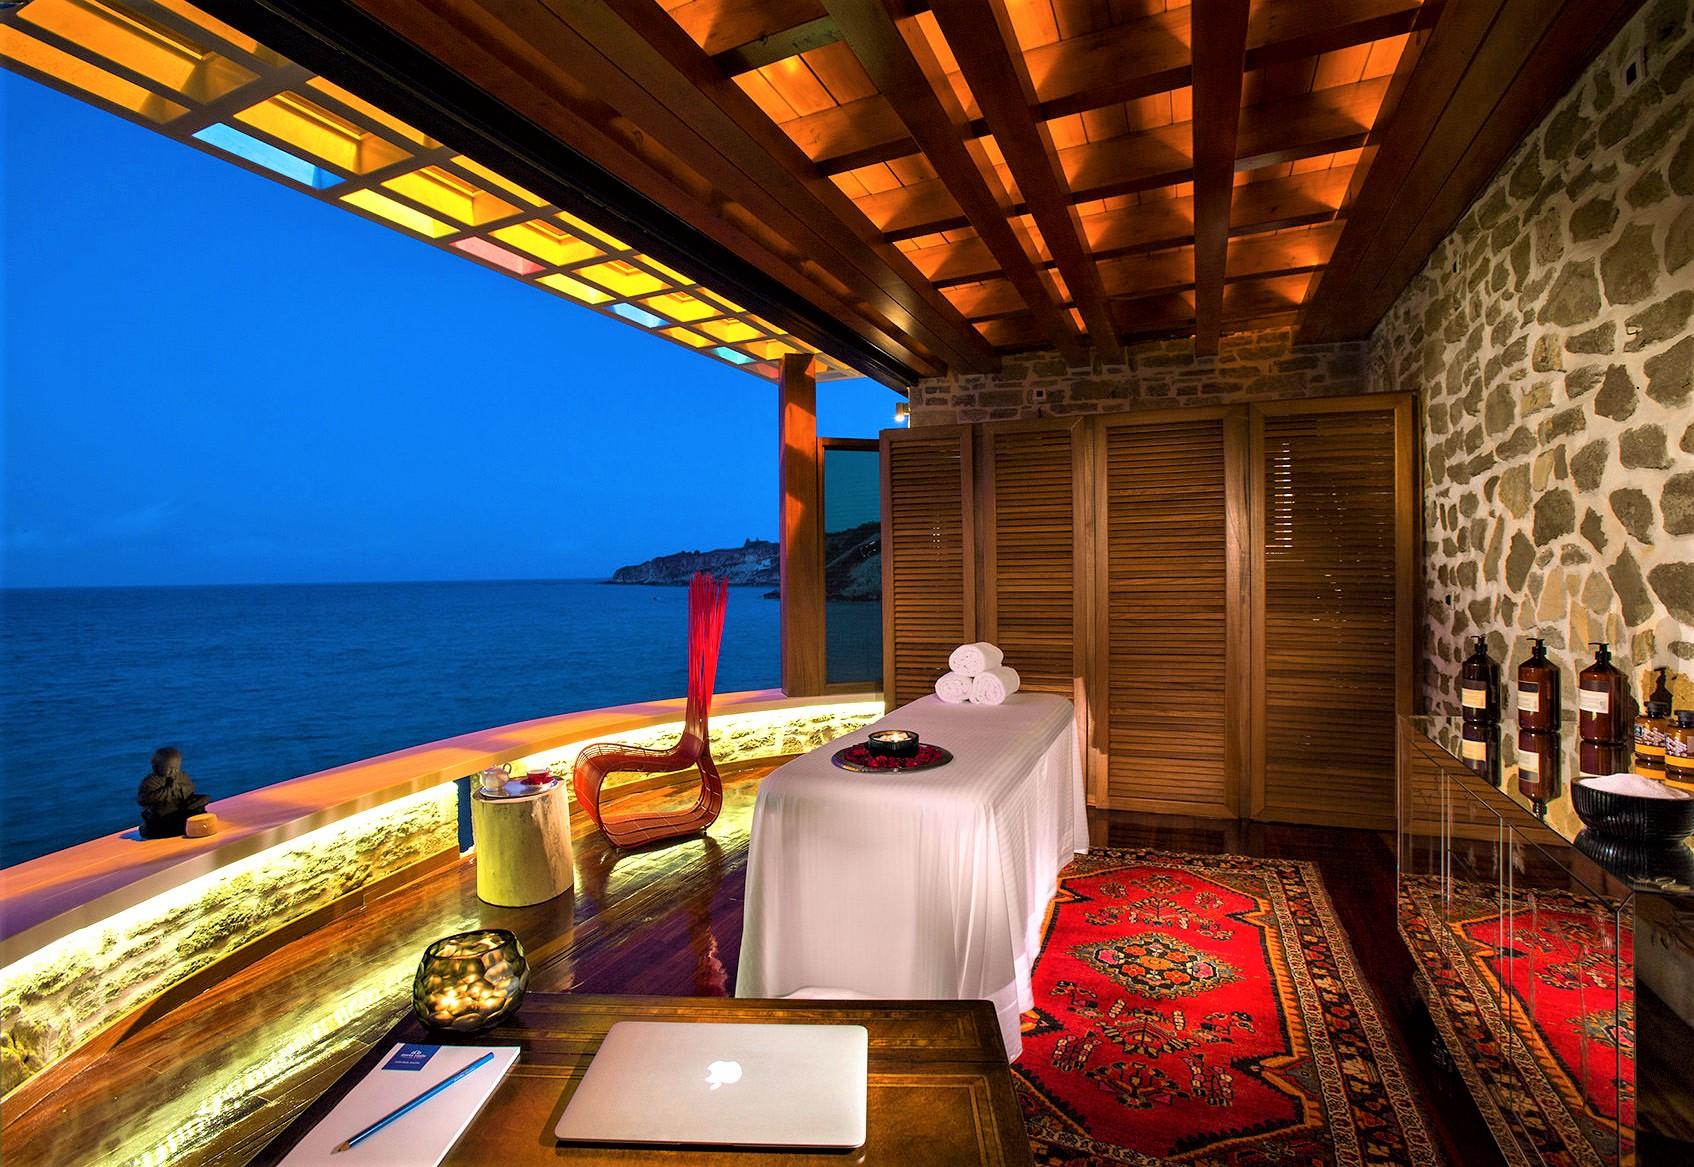 Porto Zante greece private balcony destination cropped.jpg